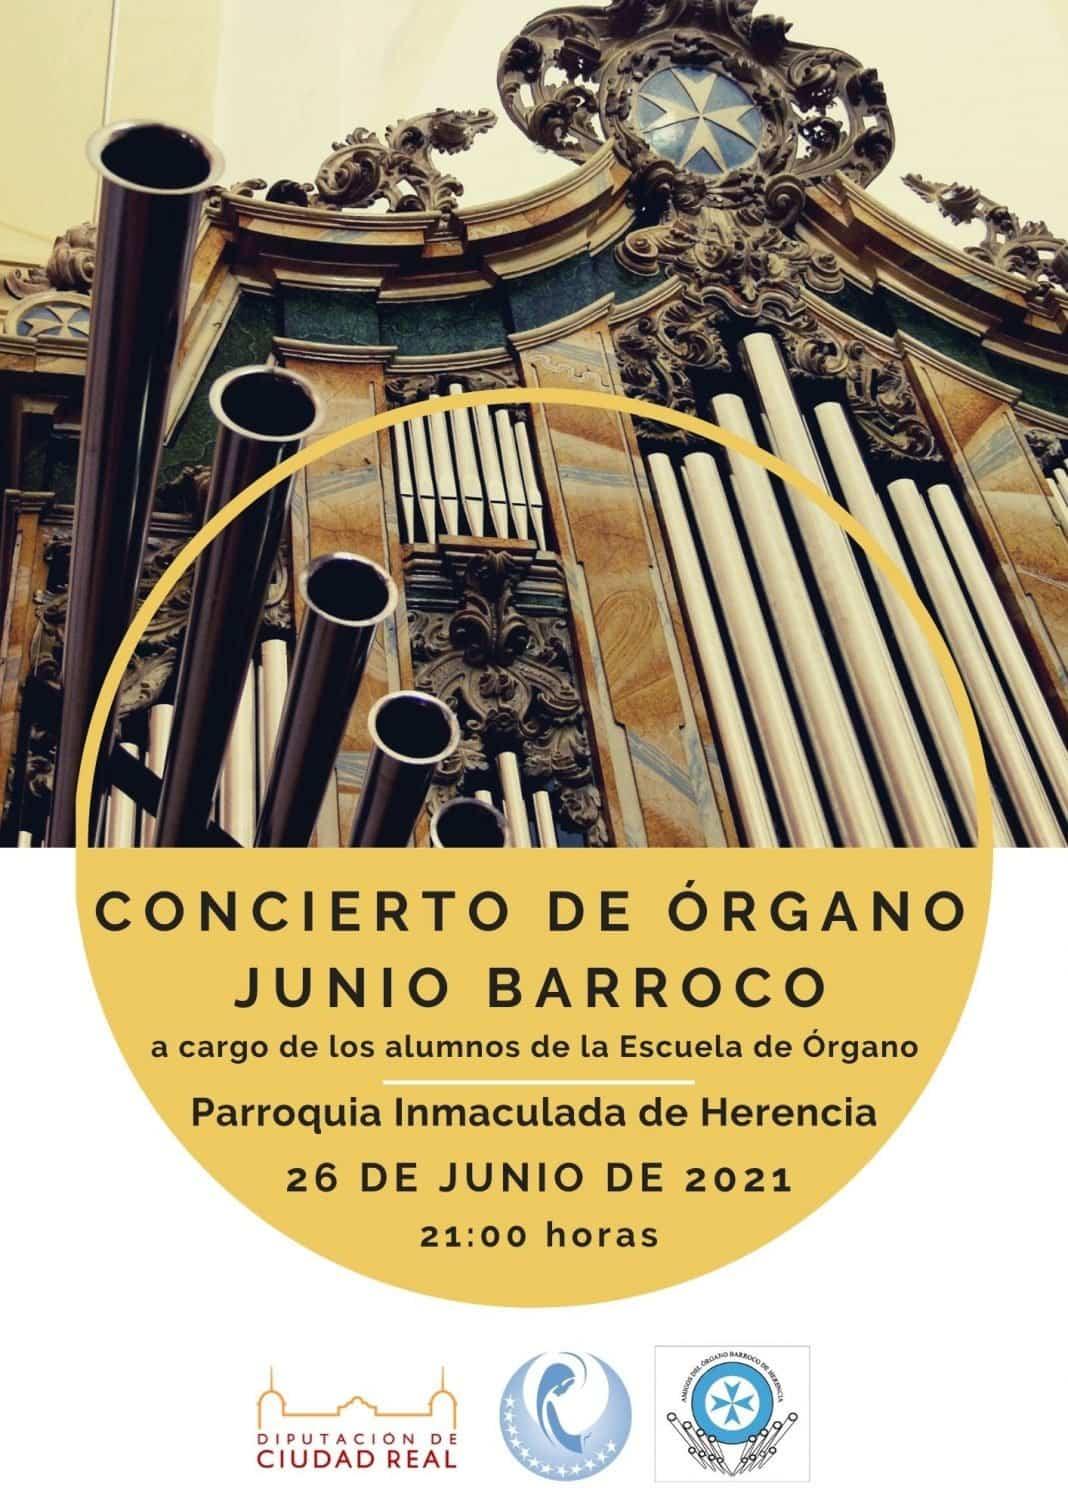 Junio Barroco vuelve con un concierto de la escuela de organistas de la parroquia Inmaculada de Herencia 1